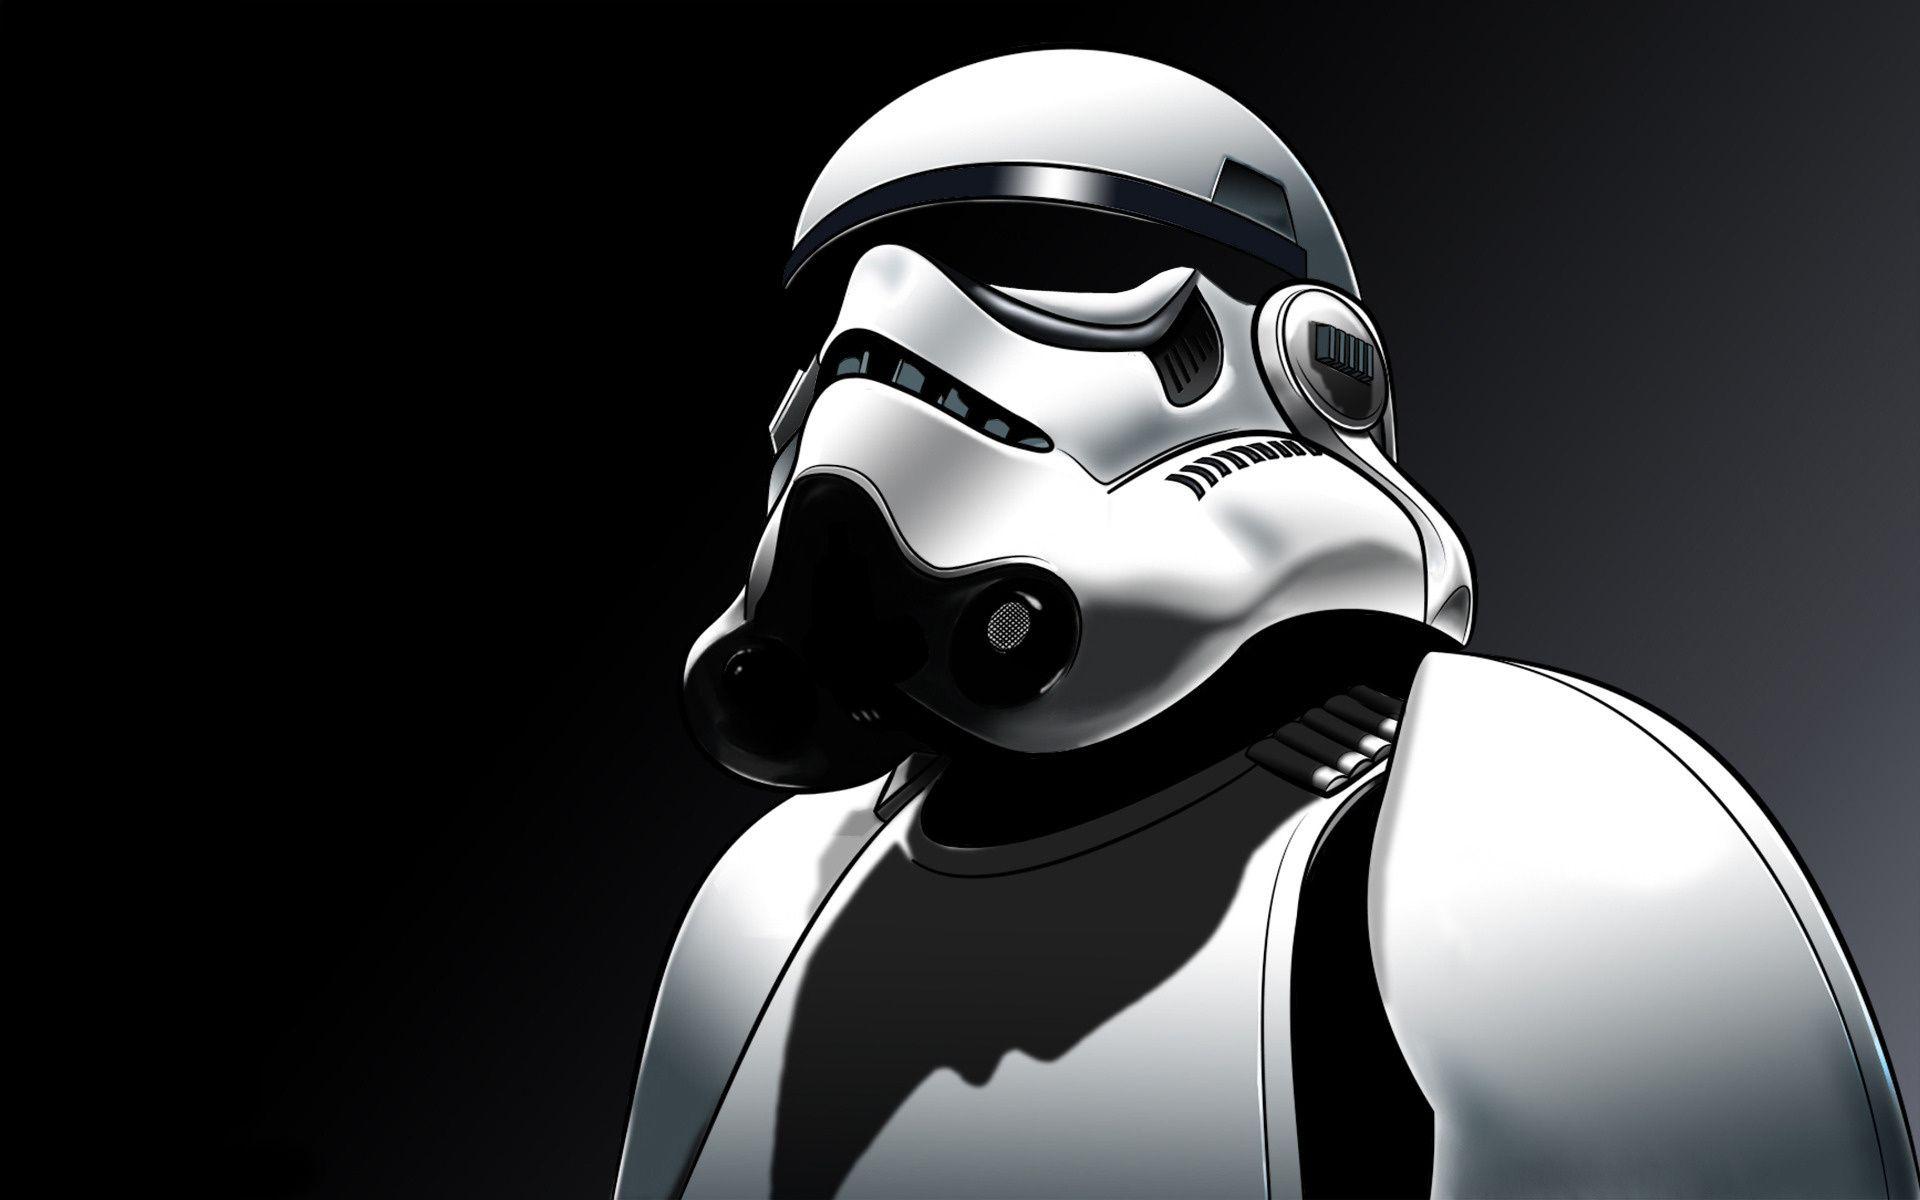 Star Wars Screensaver beautiful wallpaper